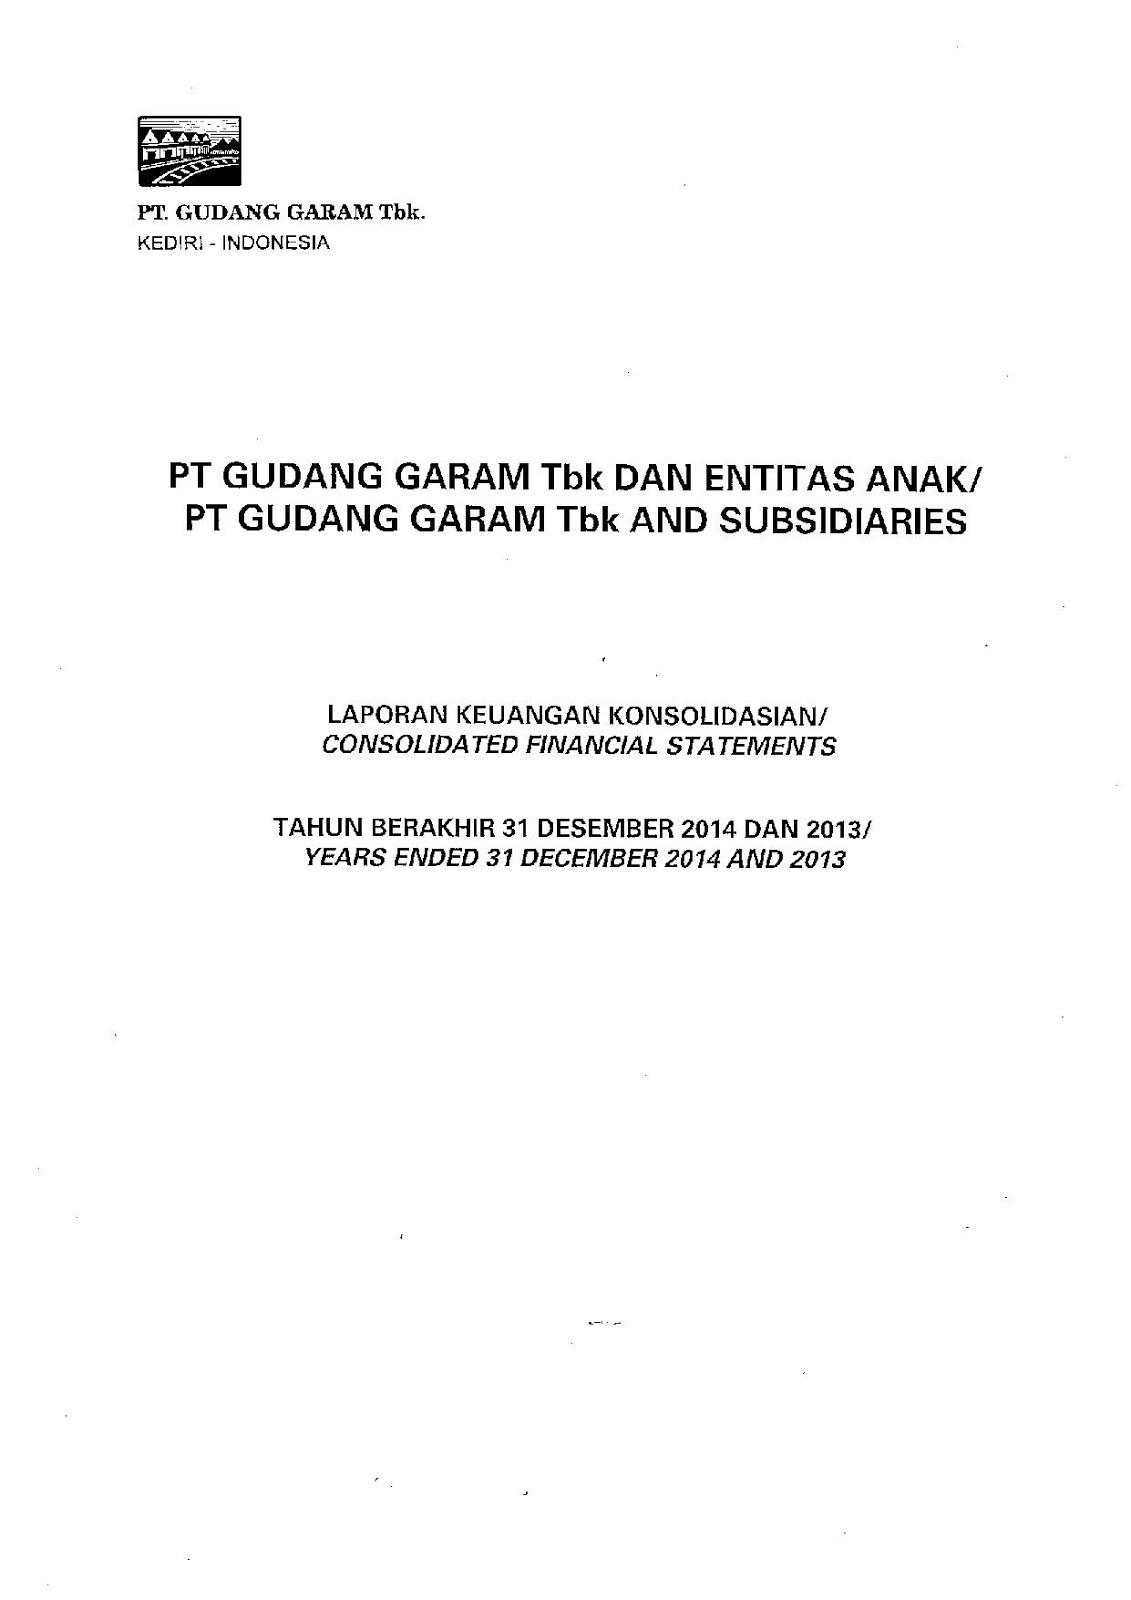 Della S Project Financial Statement Dan Financial Reporting